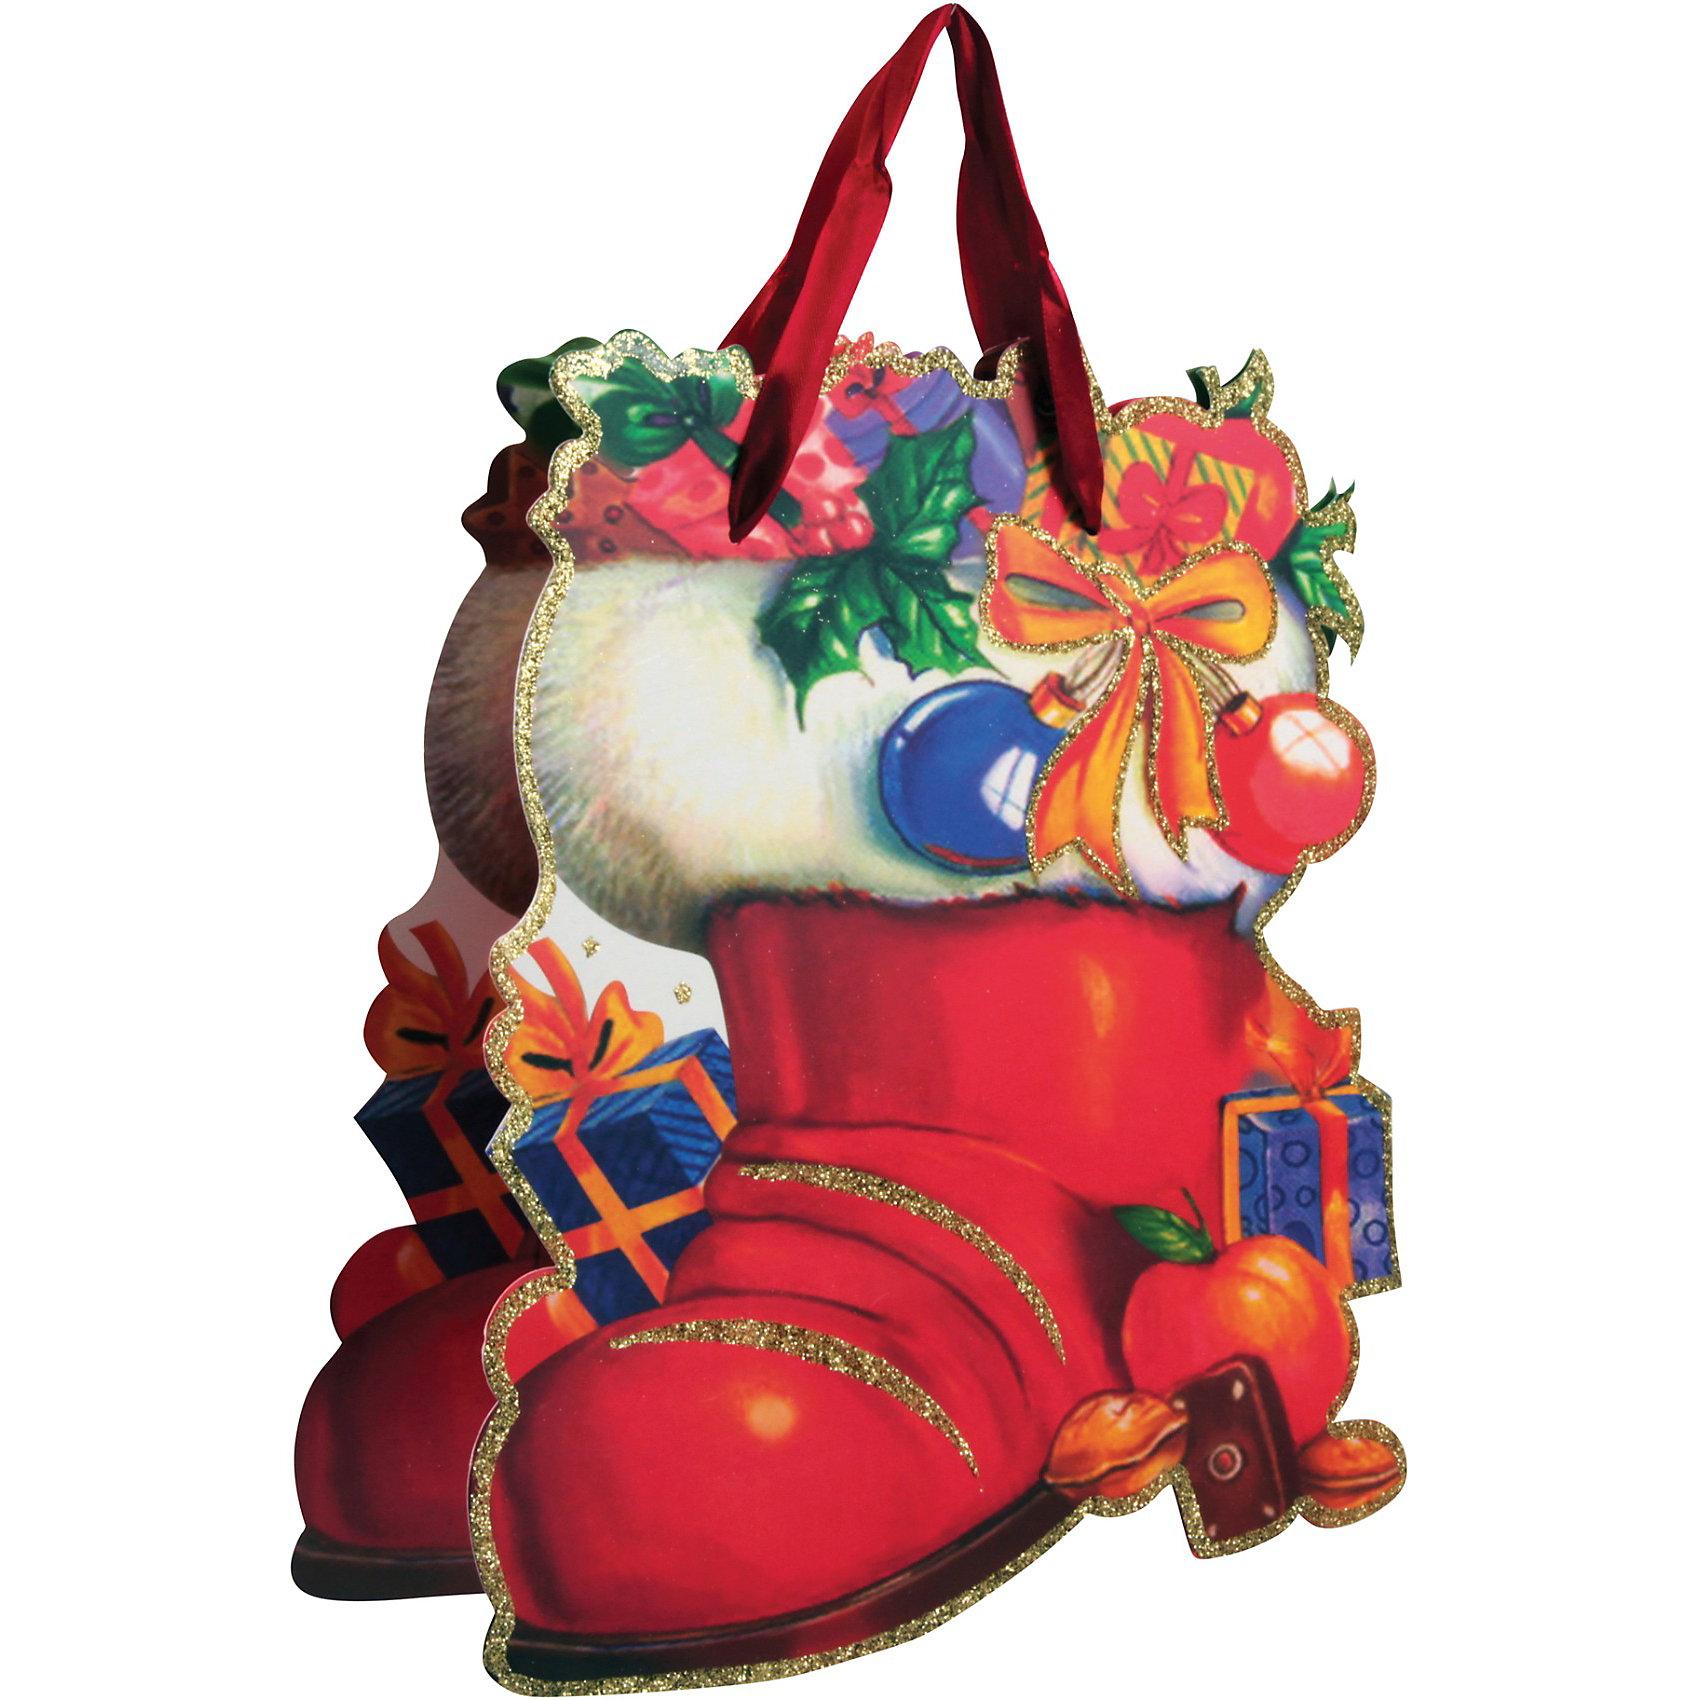 Подарочный пакет в ассортиментеПодарочный пакет – это необычный пакет с новогодним принтом.<br>Яркий пакет подойдет для оформления подарка любимому и близкому человеку на Новый год. Упаковка дополнит приятную праздничную атмосферу и подчеркнёт значимость события. Праздничный аксессуар с добрым рисунком на новогоднюю тематику станет достойным украшением любого подарка.<br><br>Дополнительная информация:<br><br>- Размер: 28х8х28см.<br><br>Подарочный пакет можно купить в нашем интернет-магазине.<br><br>Ширина мм: 280<br>Глубина мм: 80<br>Высота мм: 280<br>Вес г: 65<br>Возраст от месяцев: 60<br>Возраст до месяцев: 180<br>Пол: Унисекс<br>Возраст: Детский<br>SKU: 3893685